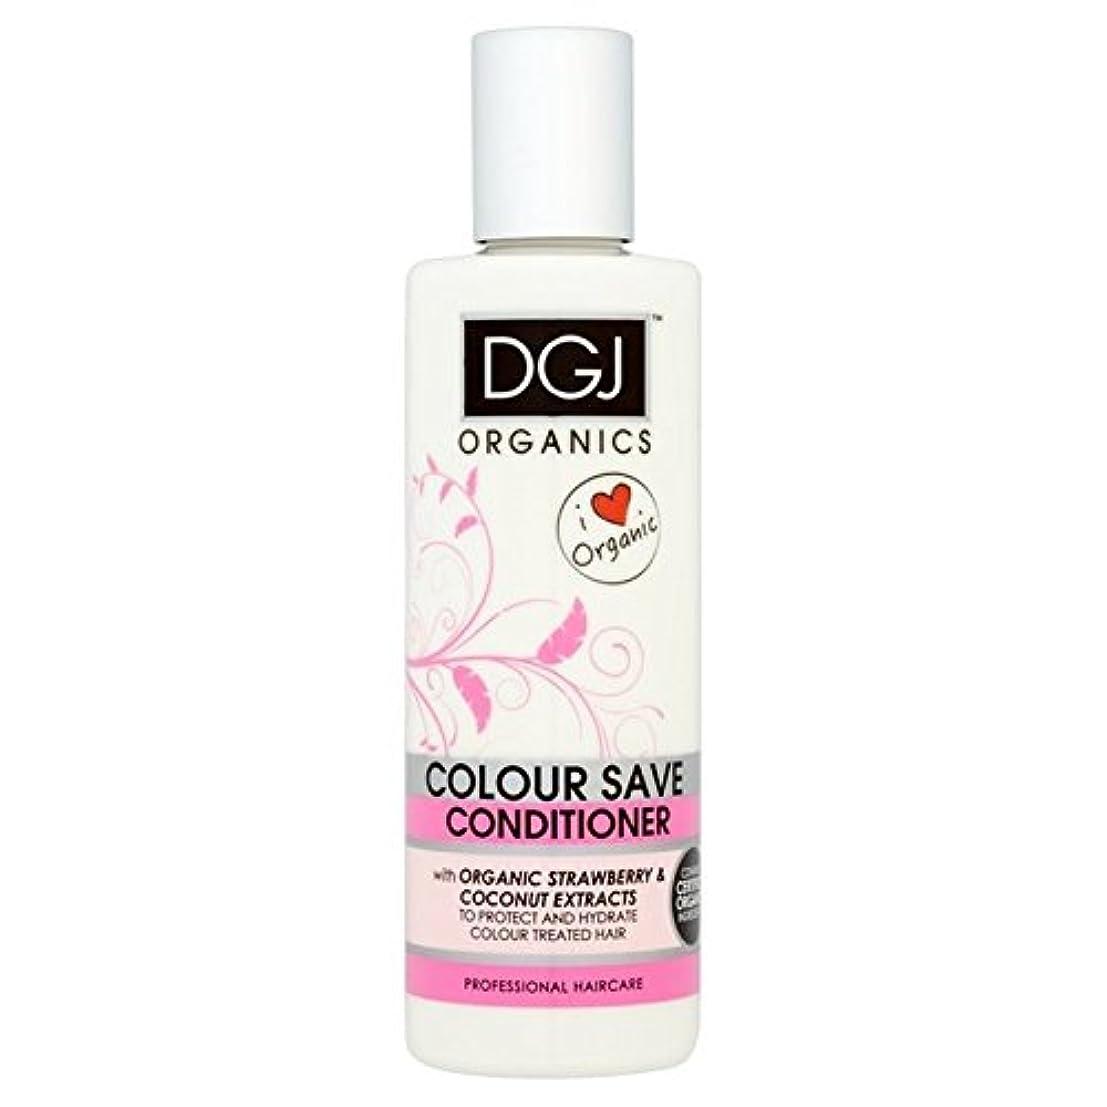 同情ヒロインドライDGJ Organics Colour Save Conditioner 250ml - 有機物の色コンディショナー250を保存 [並行輸入品]